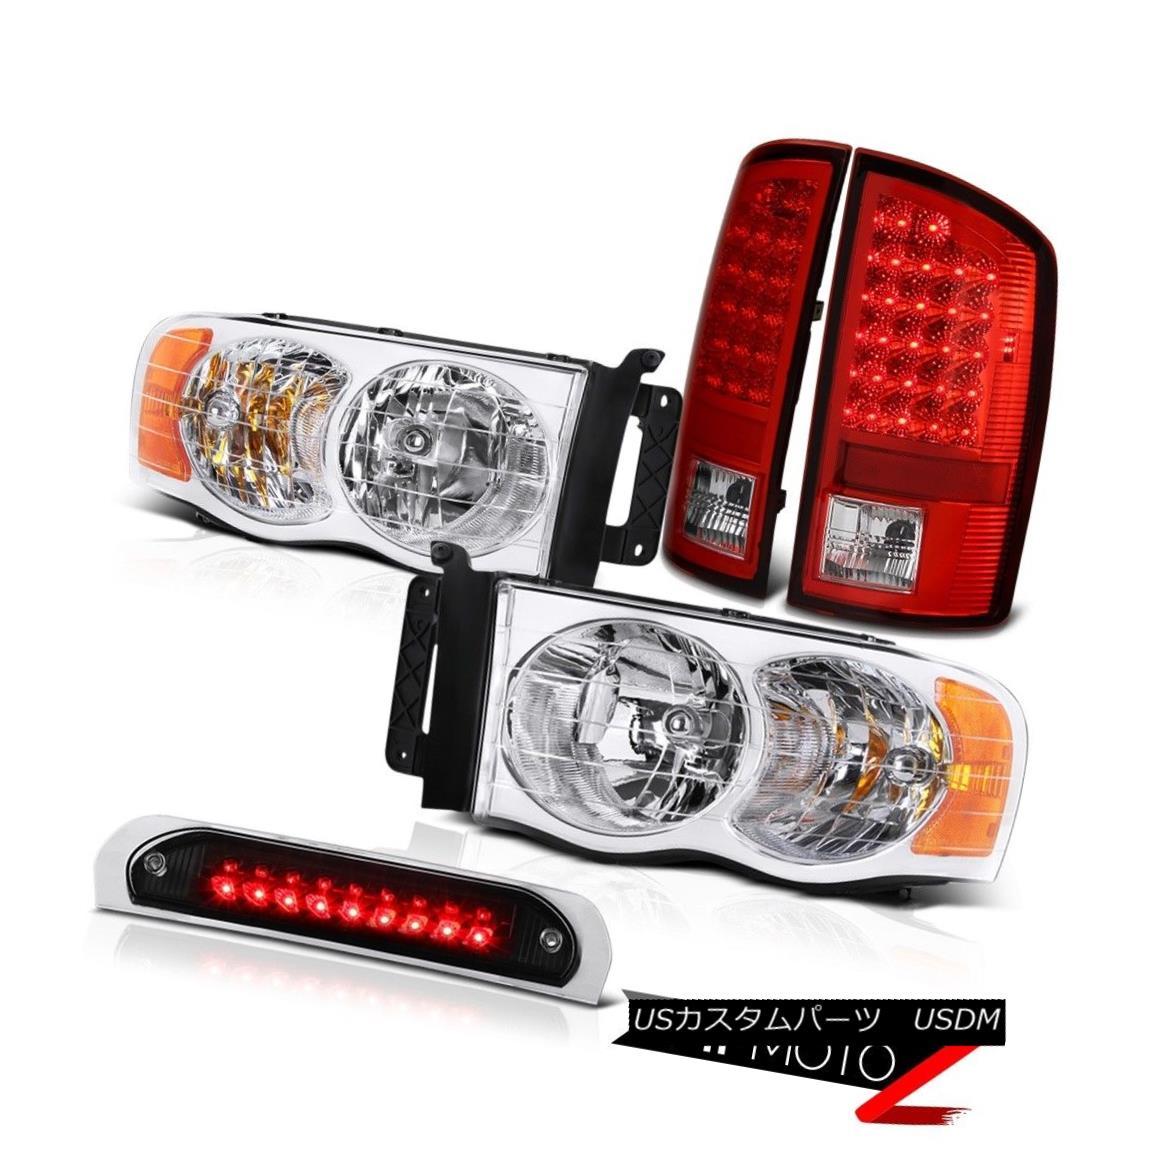 テールライト Front Clear Headlights Brake Tail Lights LED High Cargo 2002-2005 Ram PowerTech フロントクリアヘッドライトブレーキテールライトLED High Cargo 2002-2005 Ram PowerTech